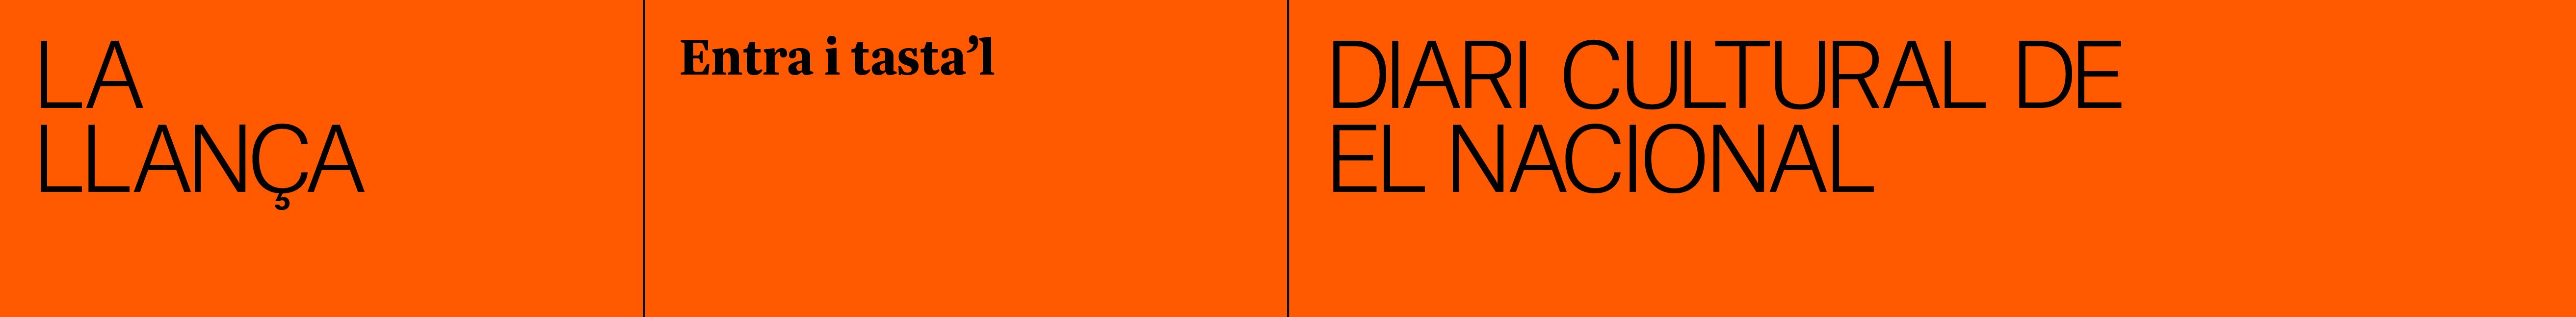 La Llança (1260x155)